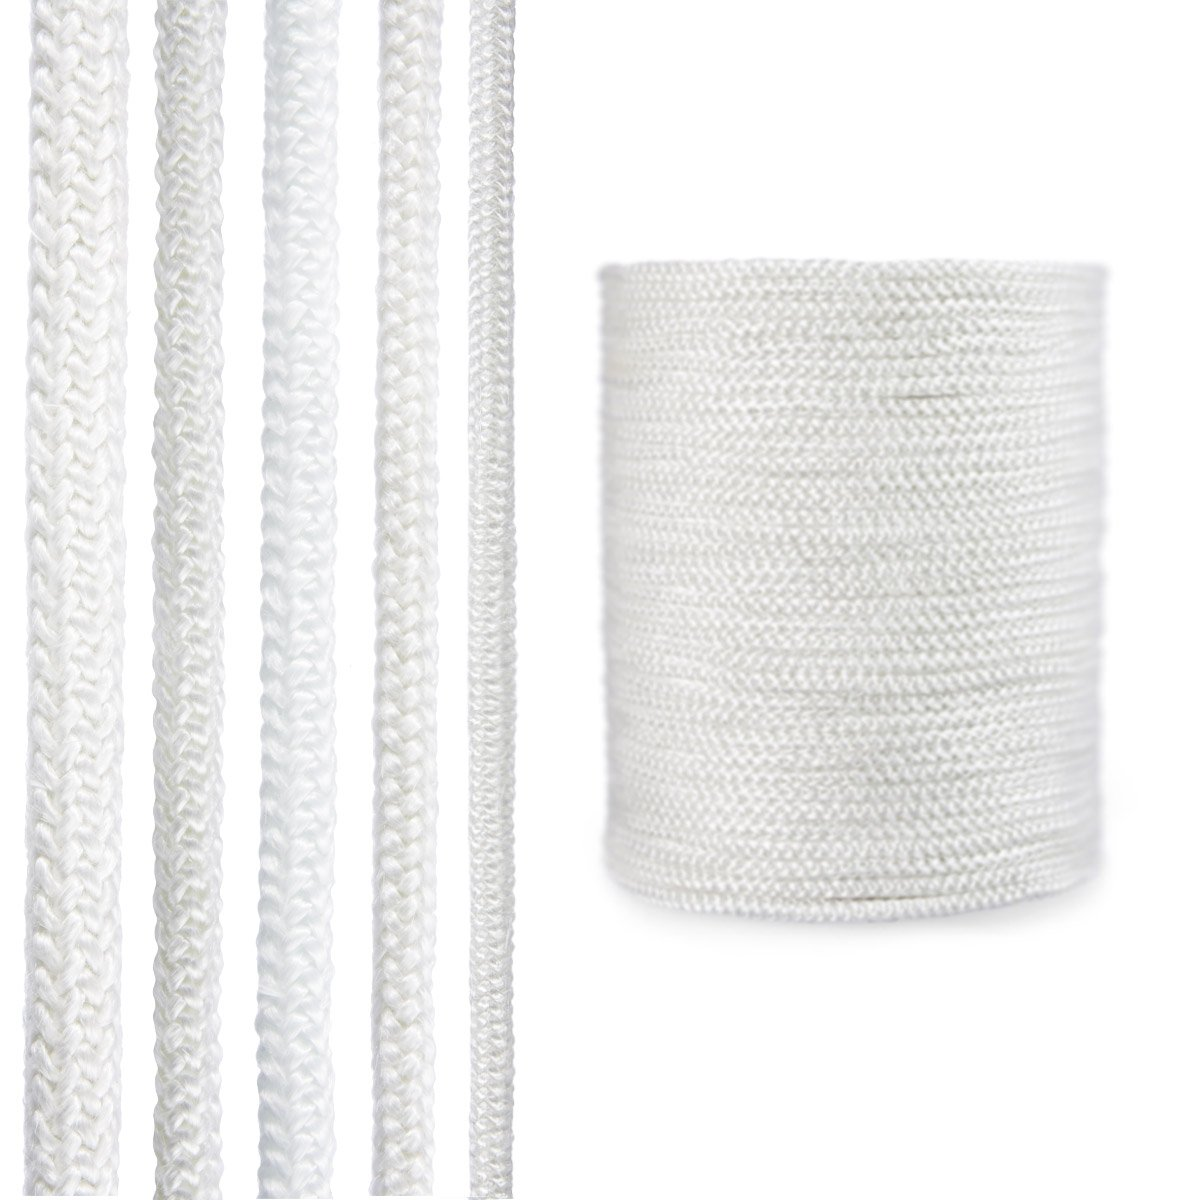 STEIGNER Cordone Isolante In Fibra di Vetro SKD02-10, Bianco Sigillante resistente alla temperatura fino a 550 ° C 4 m, 10 mm